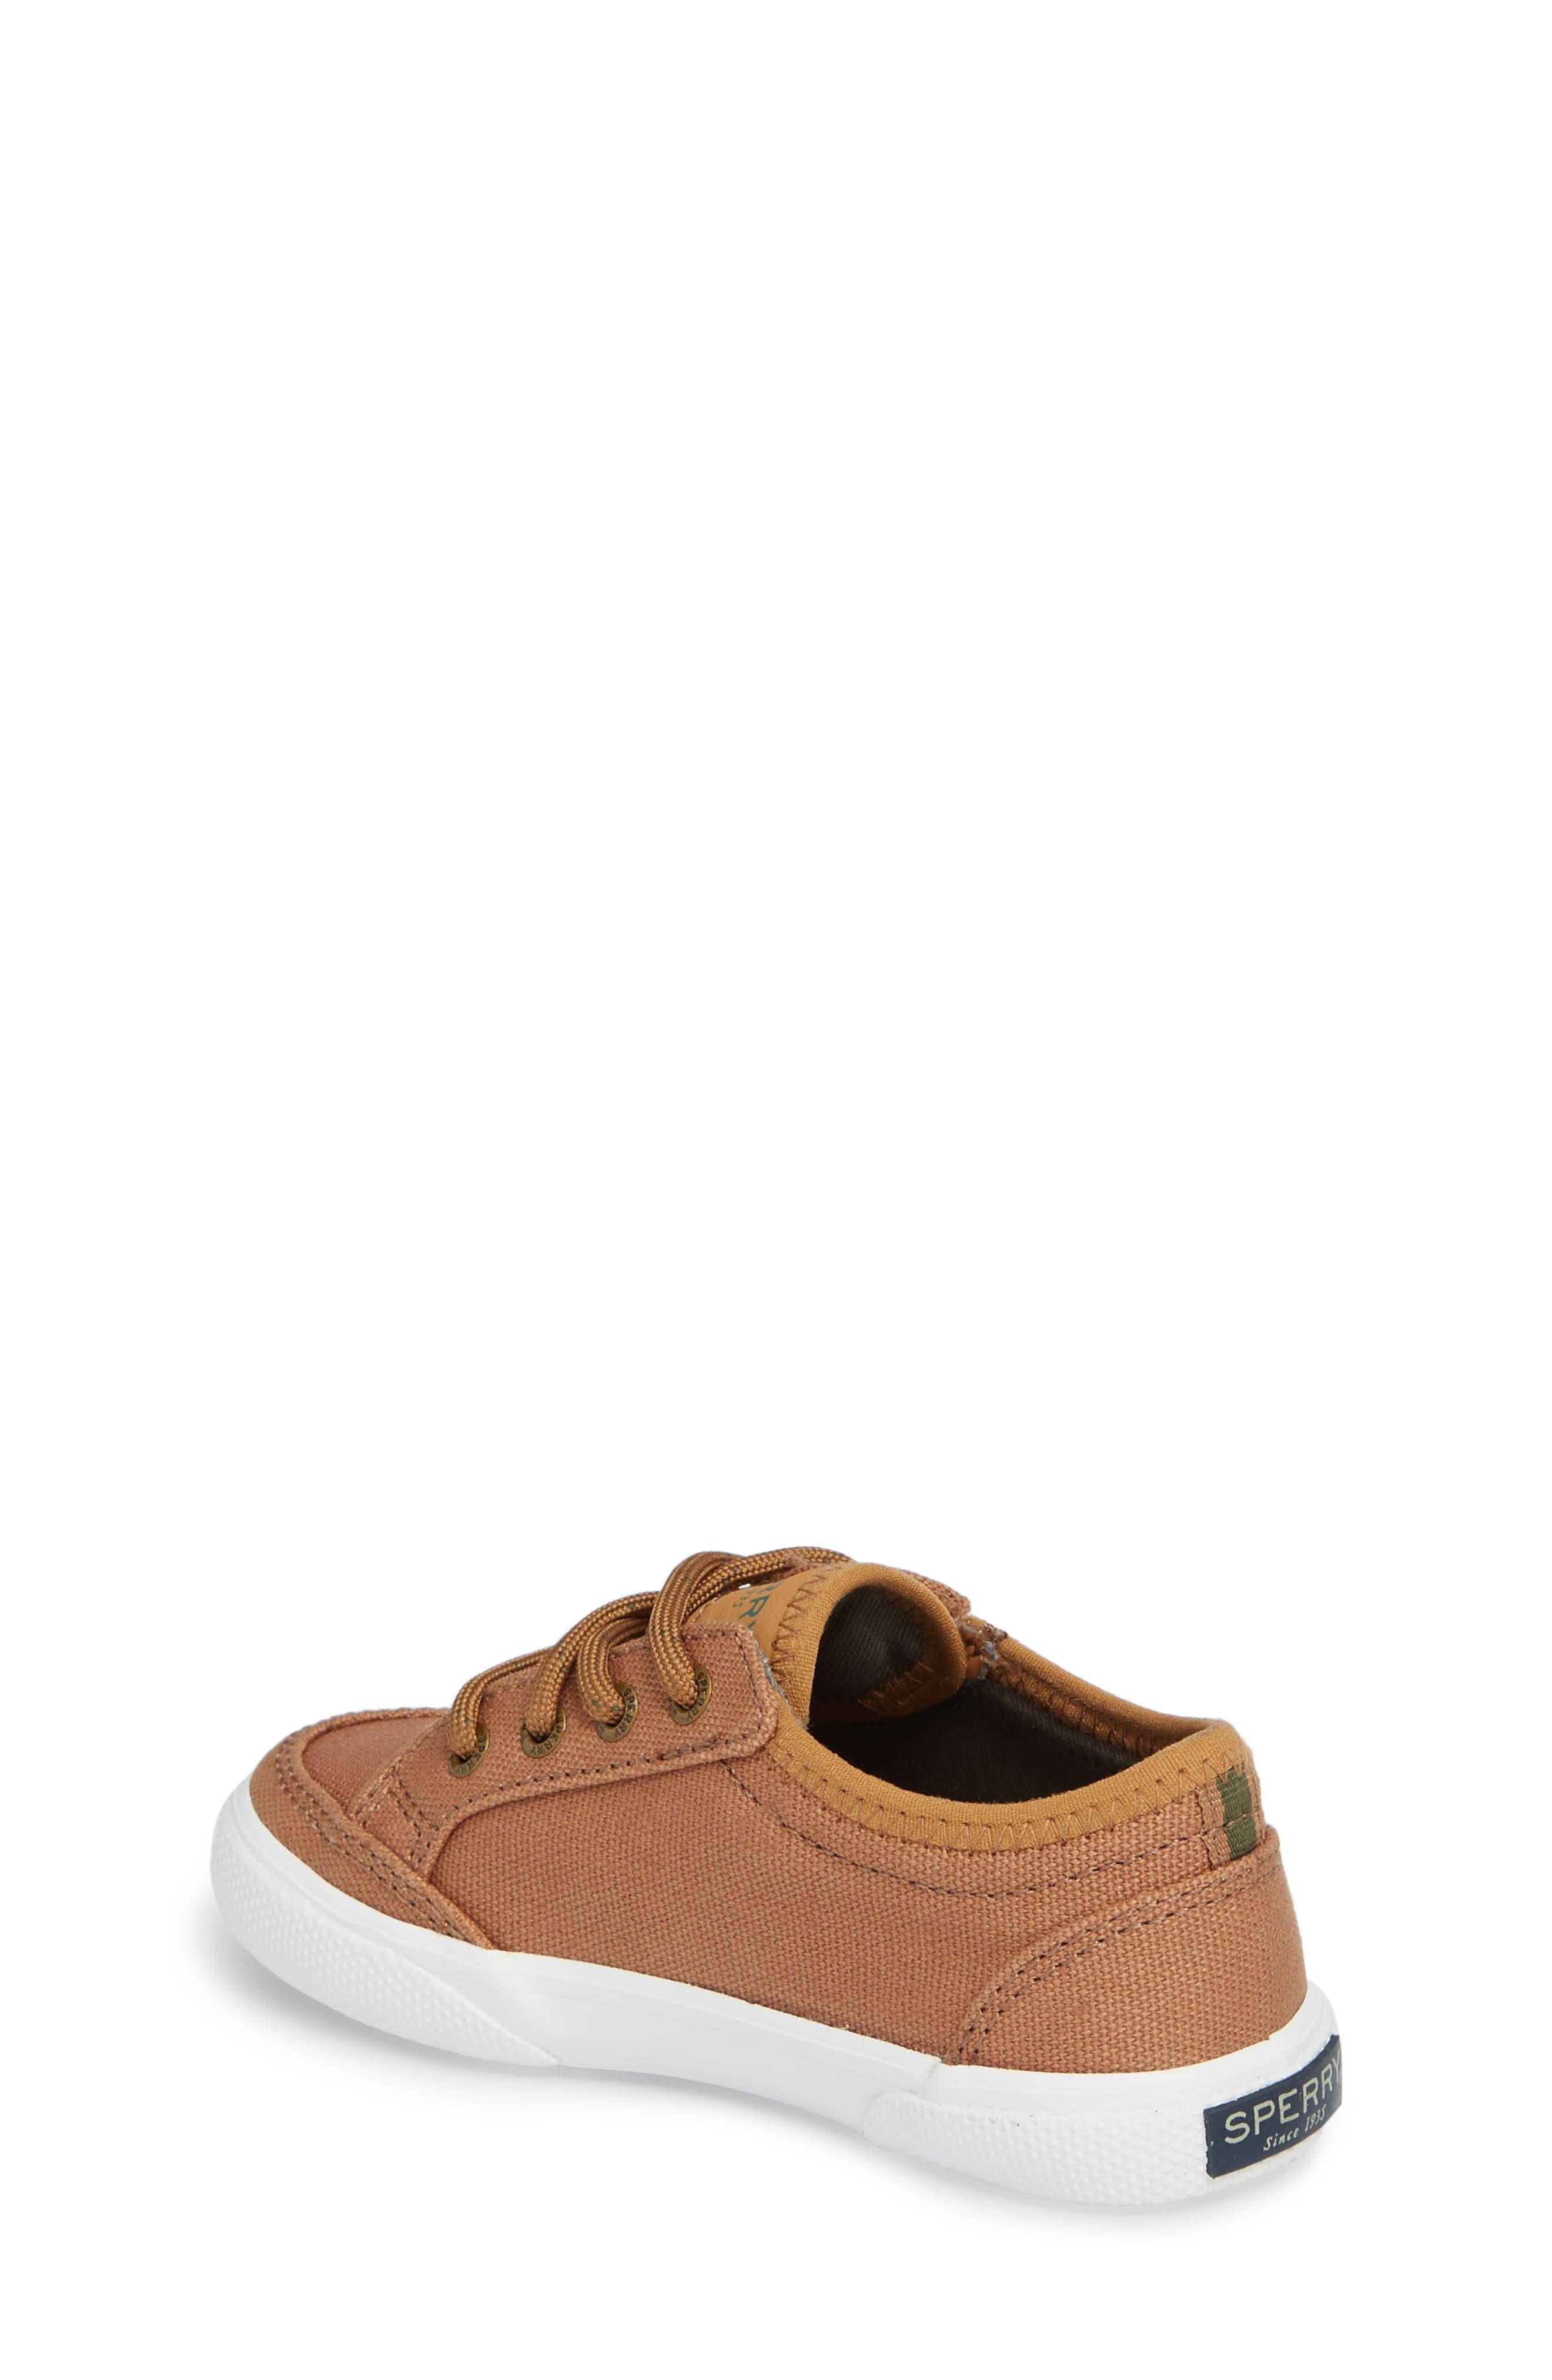 Sperry Deckfin Jr. Sneaker,                             Alternate thumbnail 2, color,